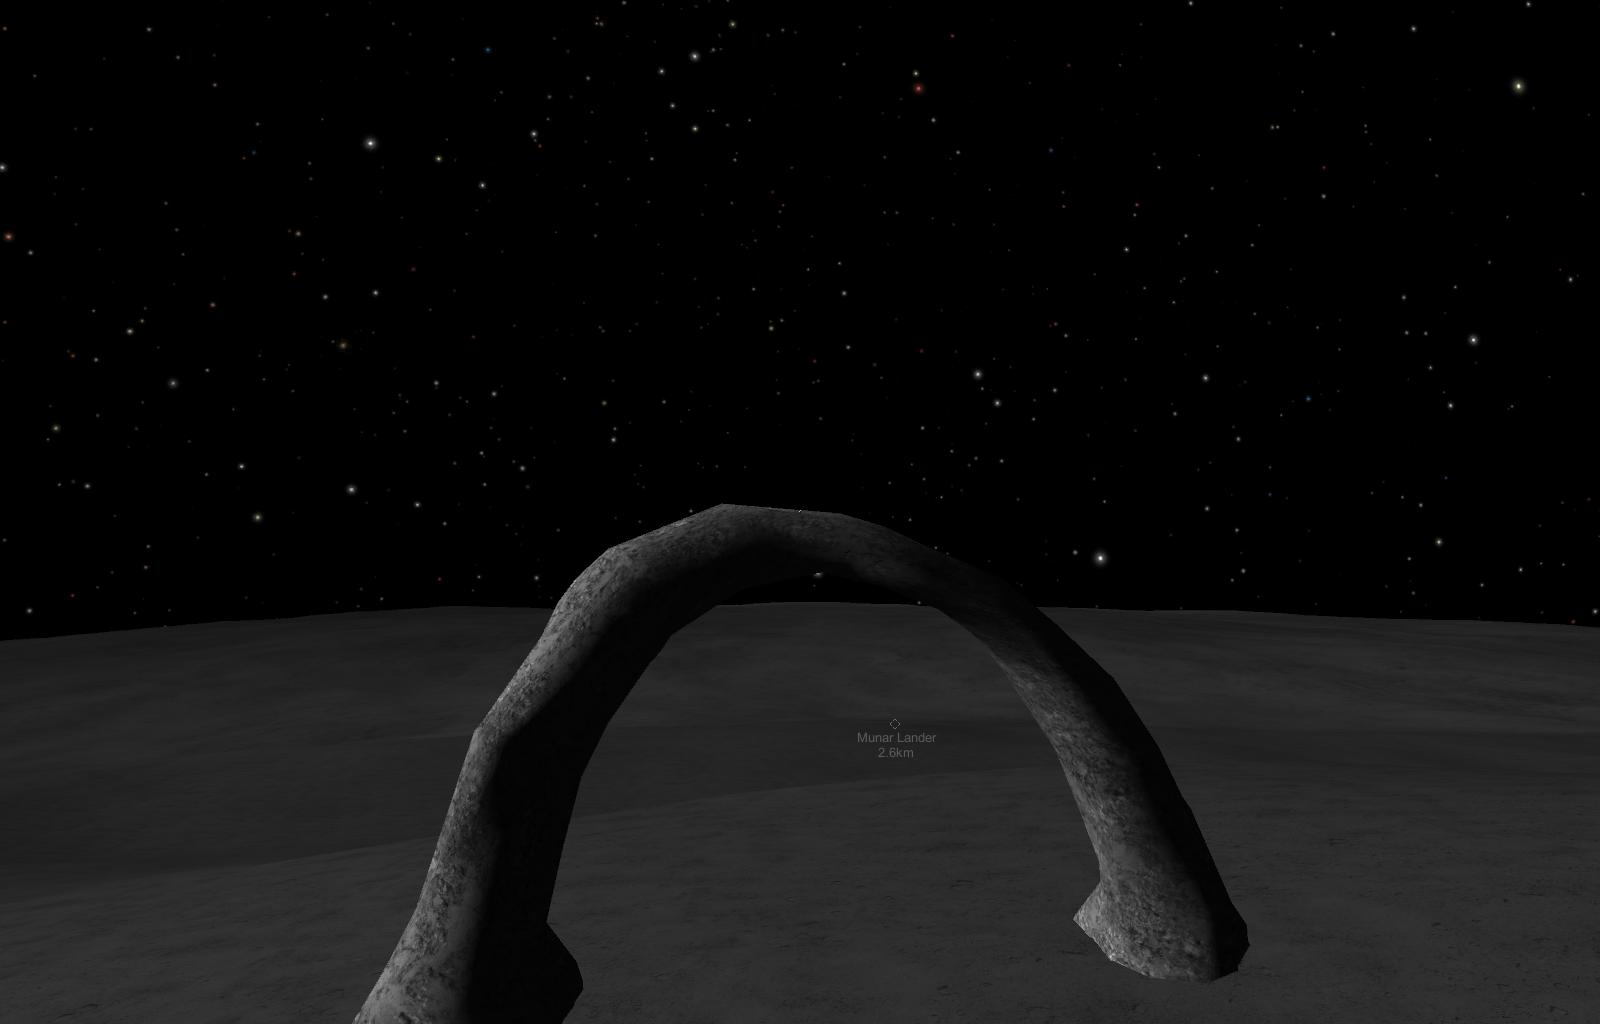 Kerbal Space Program – Joe's Blog